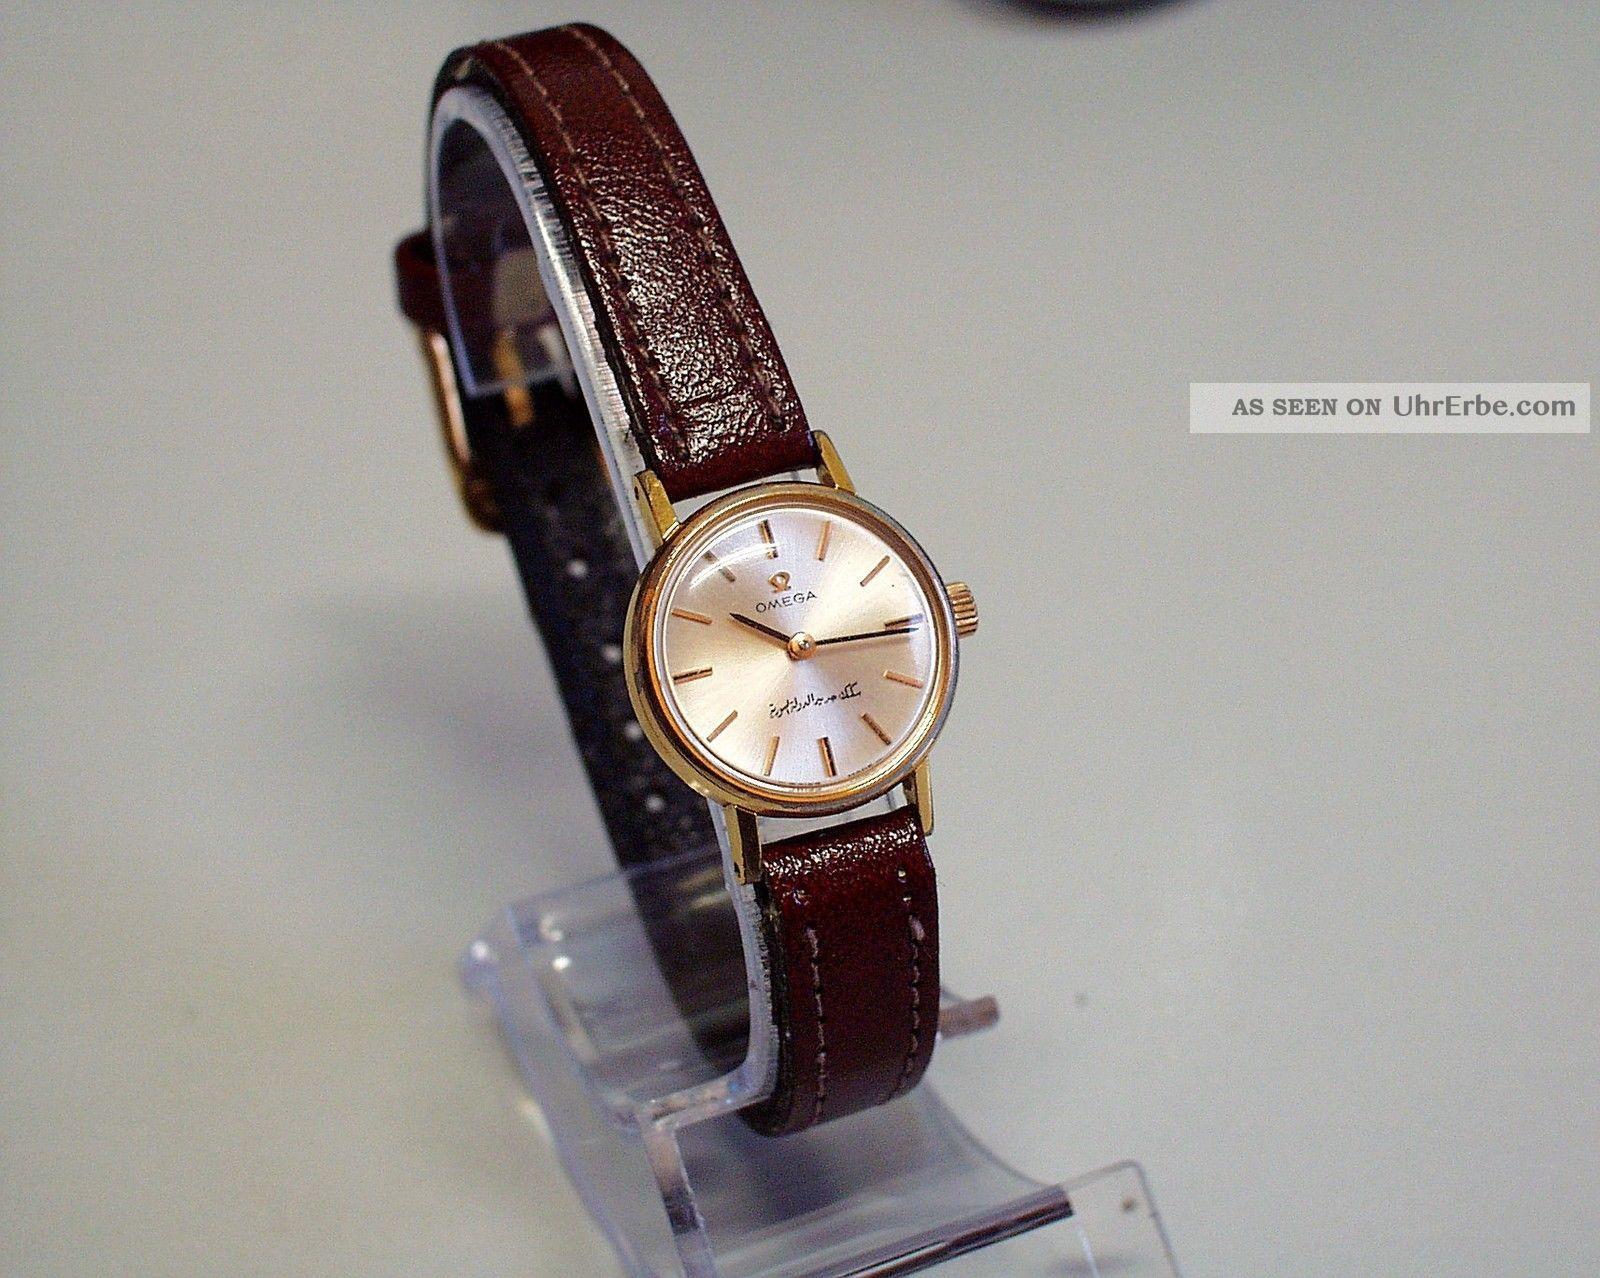 Servicesierte Und Vergoldete - Omega - Damen - Uhr Mit Mech Werk Armbanduhren Bild